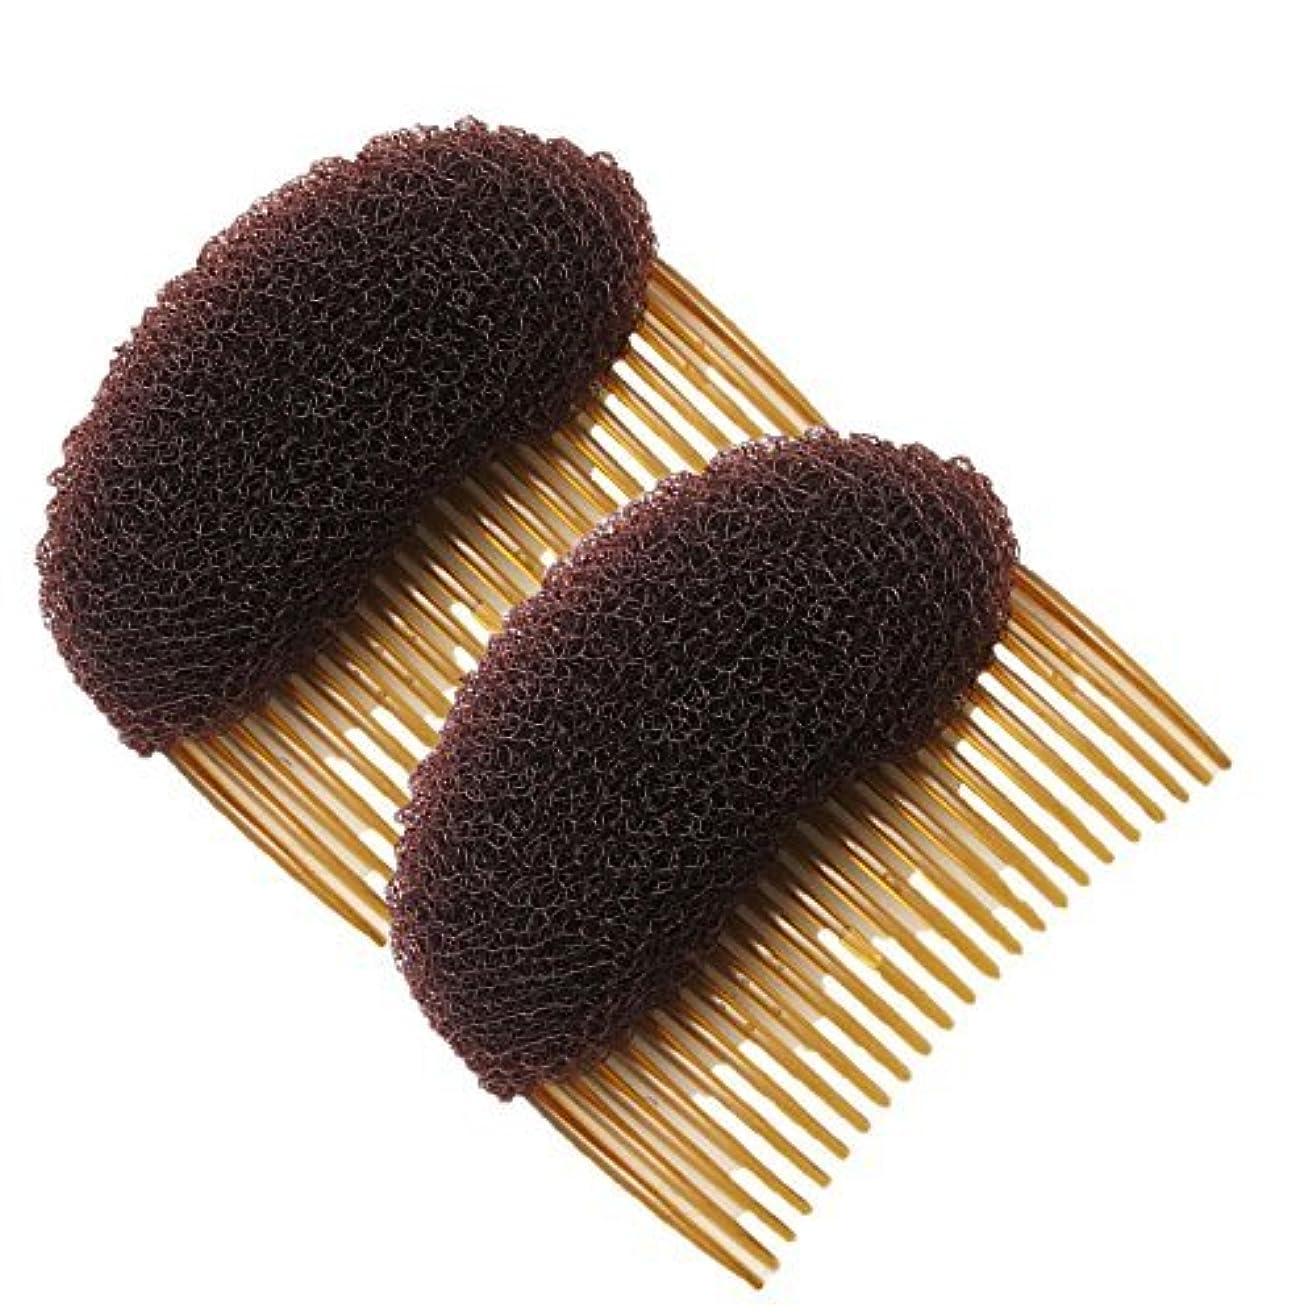 ナサニエル区債務略奪Healtheveryday?2PCS Charming BUMP IT UP Volume Inserts Do Beehive hair styler Insert Tool Hair Comb Black/Brown colors for choose Hot (Brown) [並行輸入品]